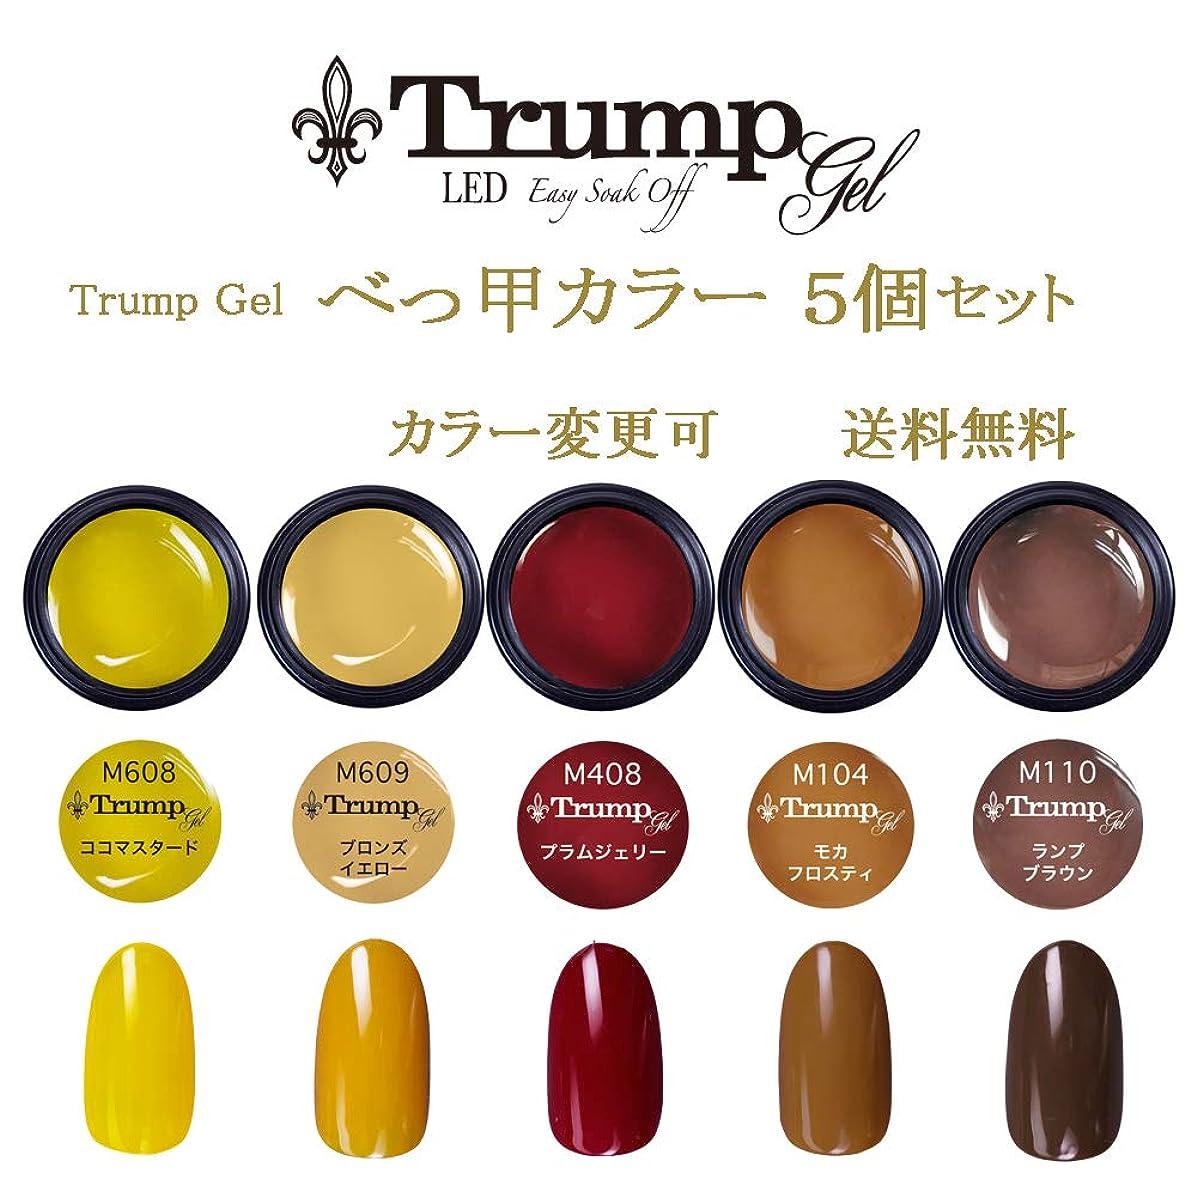 冊子肺炎【送料無料】日本製 Trump gel トランプジェル べっ甲カラー ブラウン系 選べる カラージェル 5個セット べっ甲ネイル ベージュ ブラウン マスタード カラー